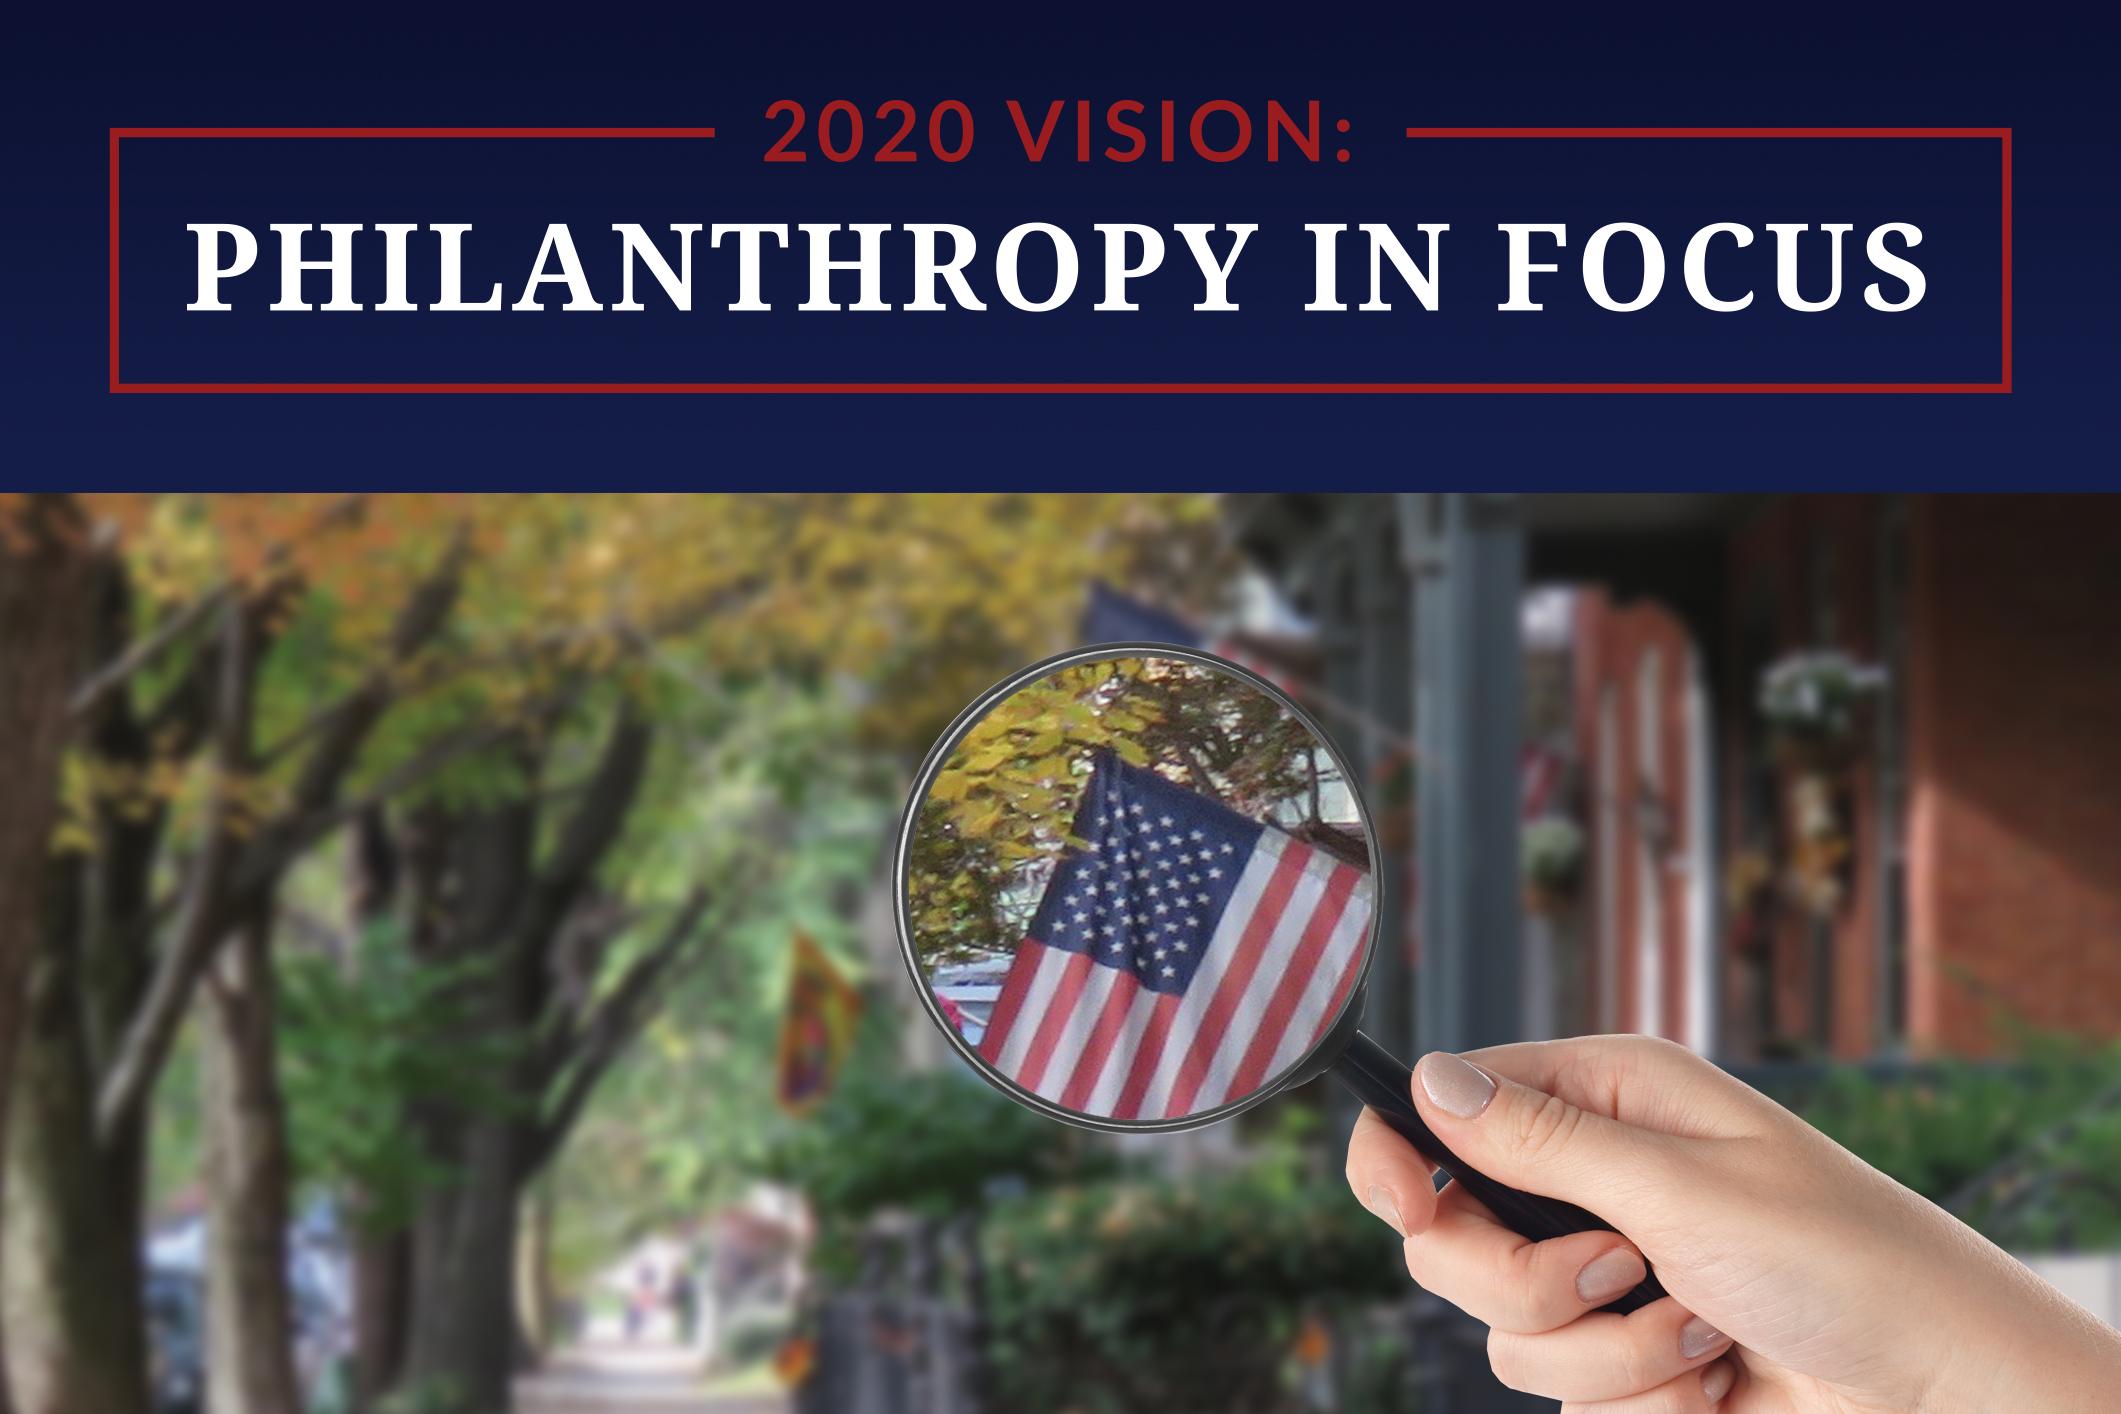 2020 Philanthropy in Focus